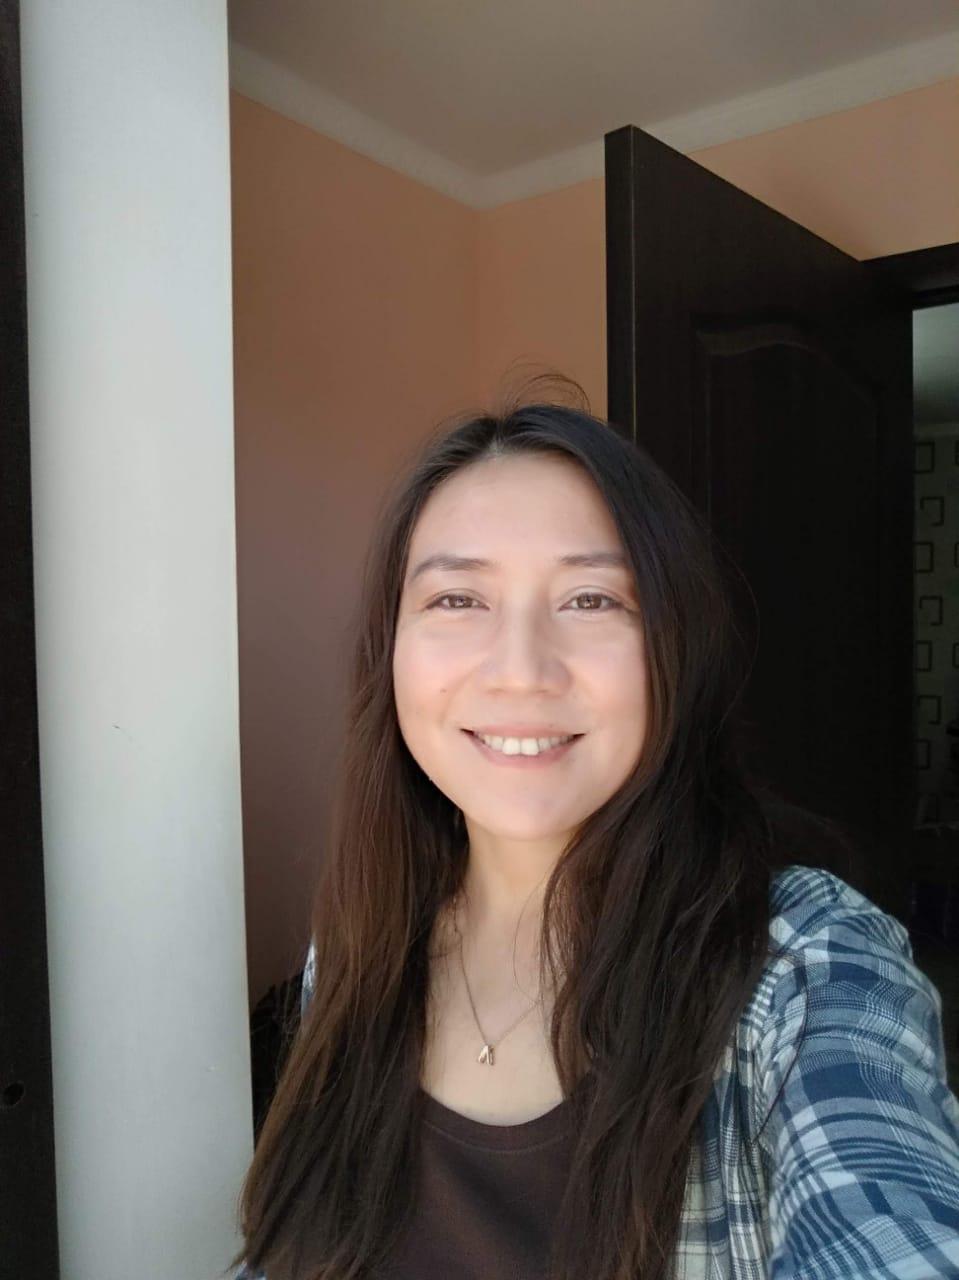 Laura Zhumakanova